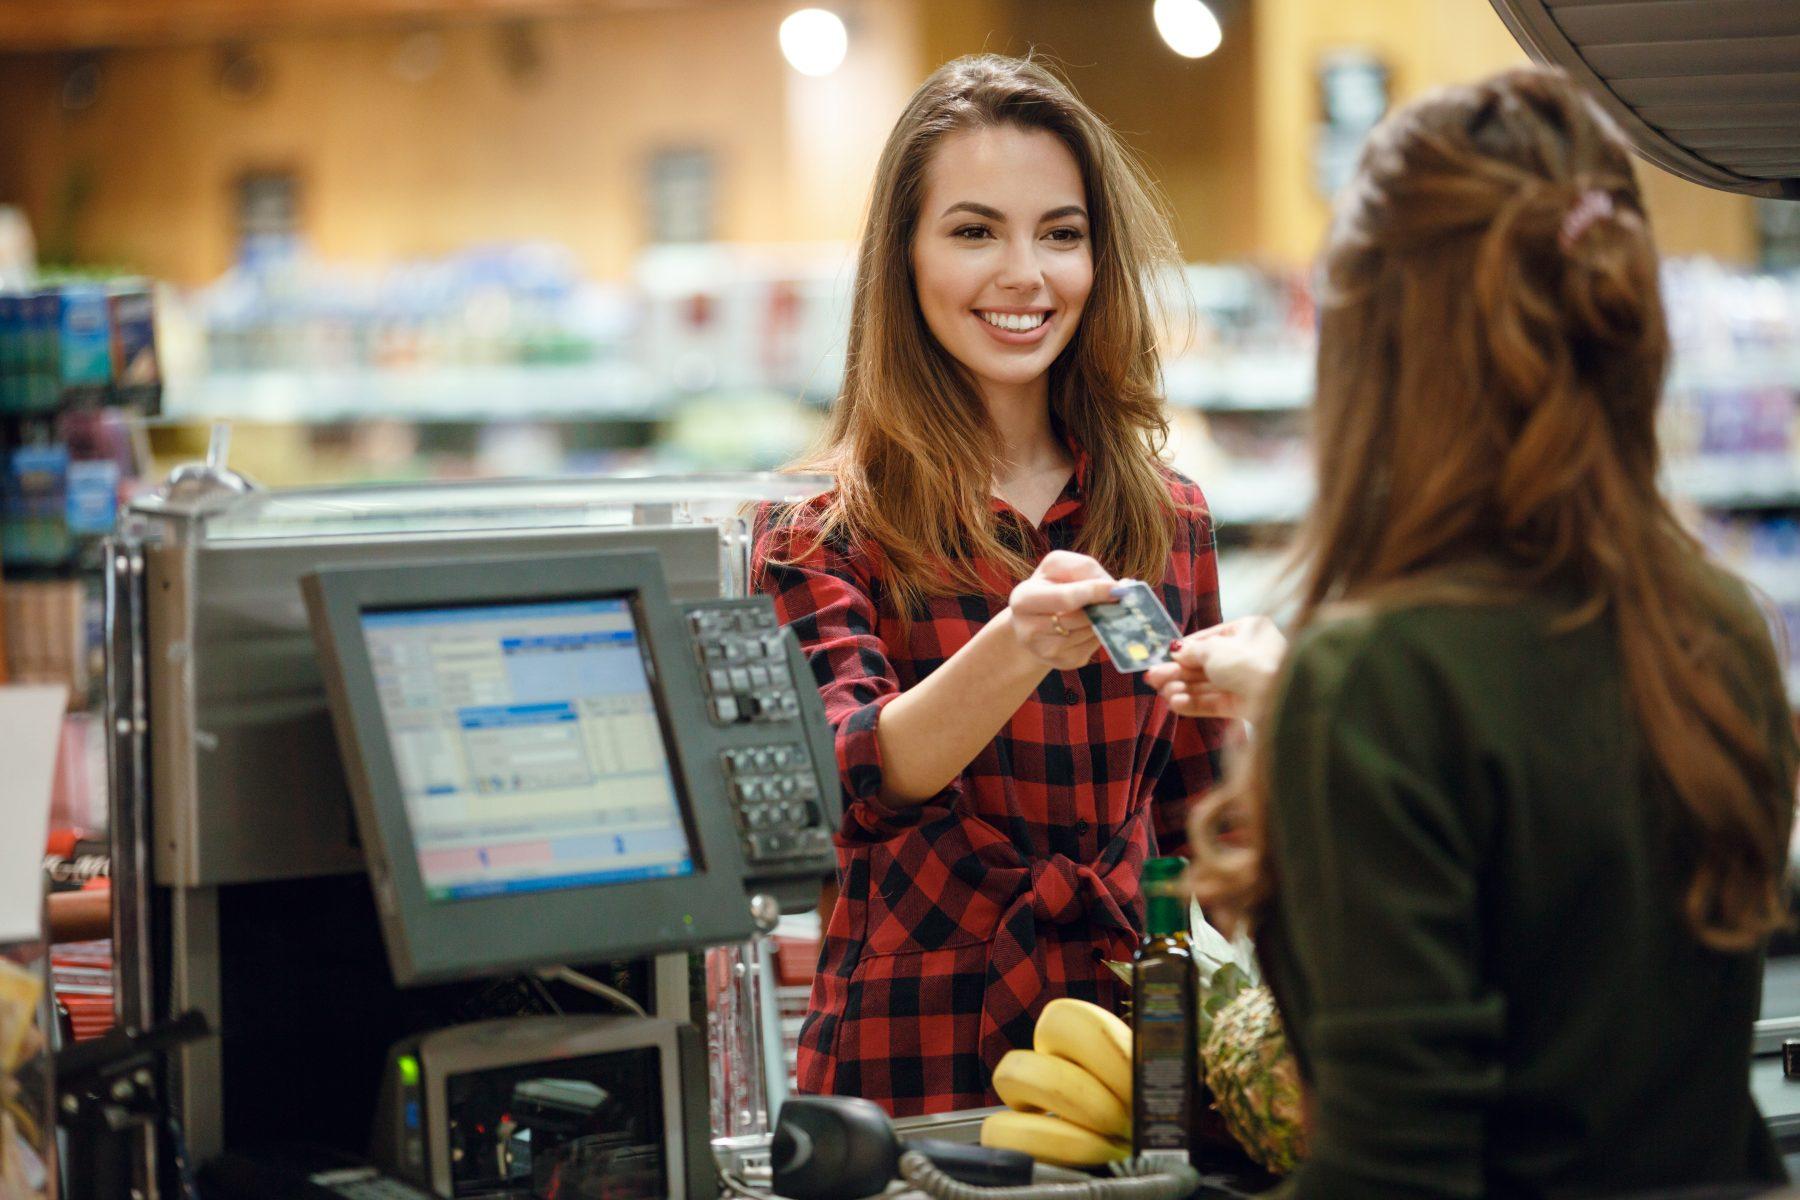 dinheiro - economizar supermercado foto de destaque